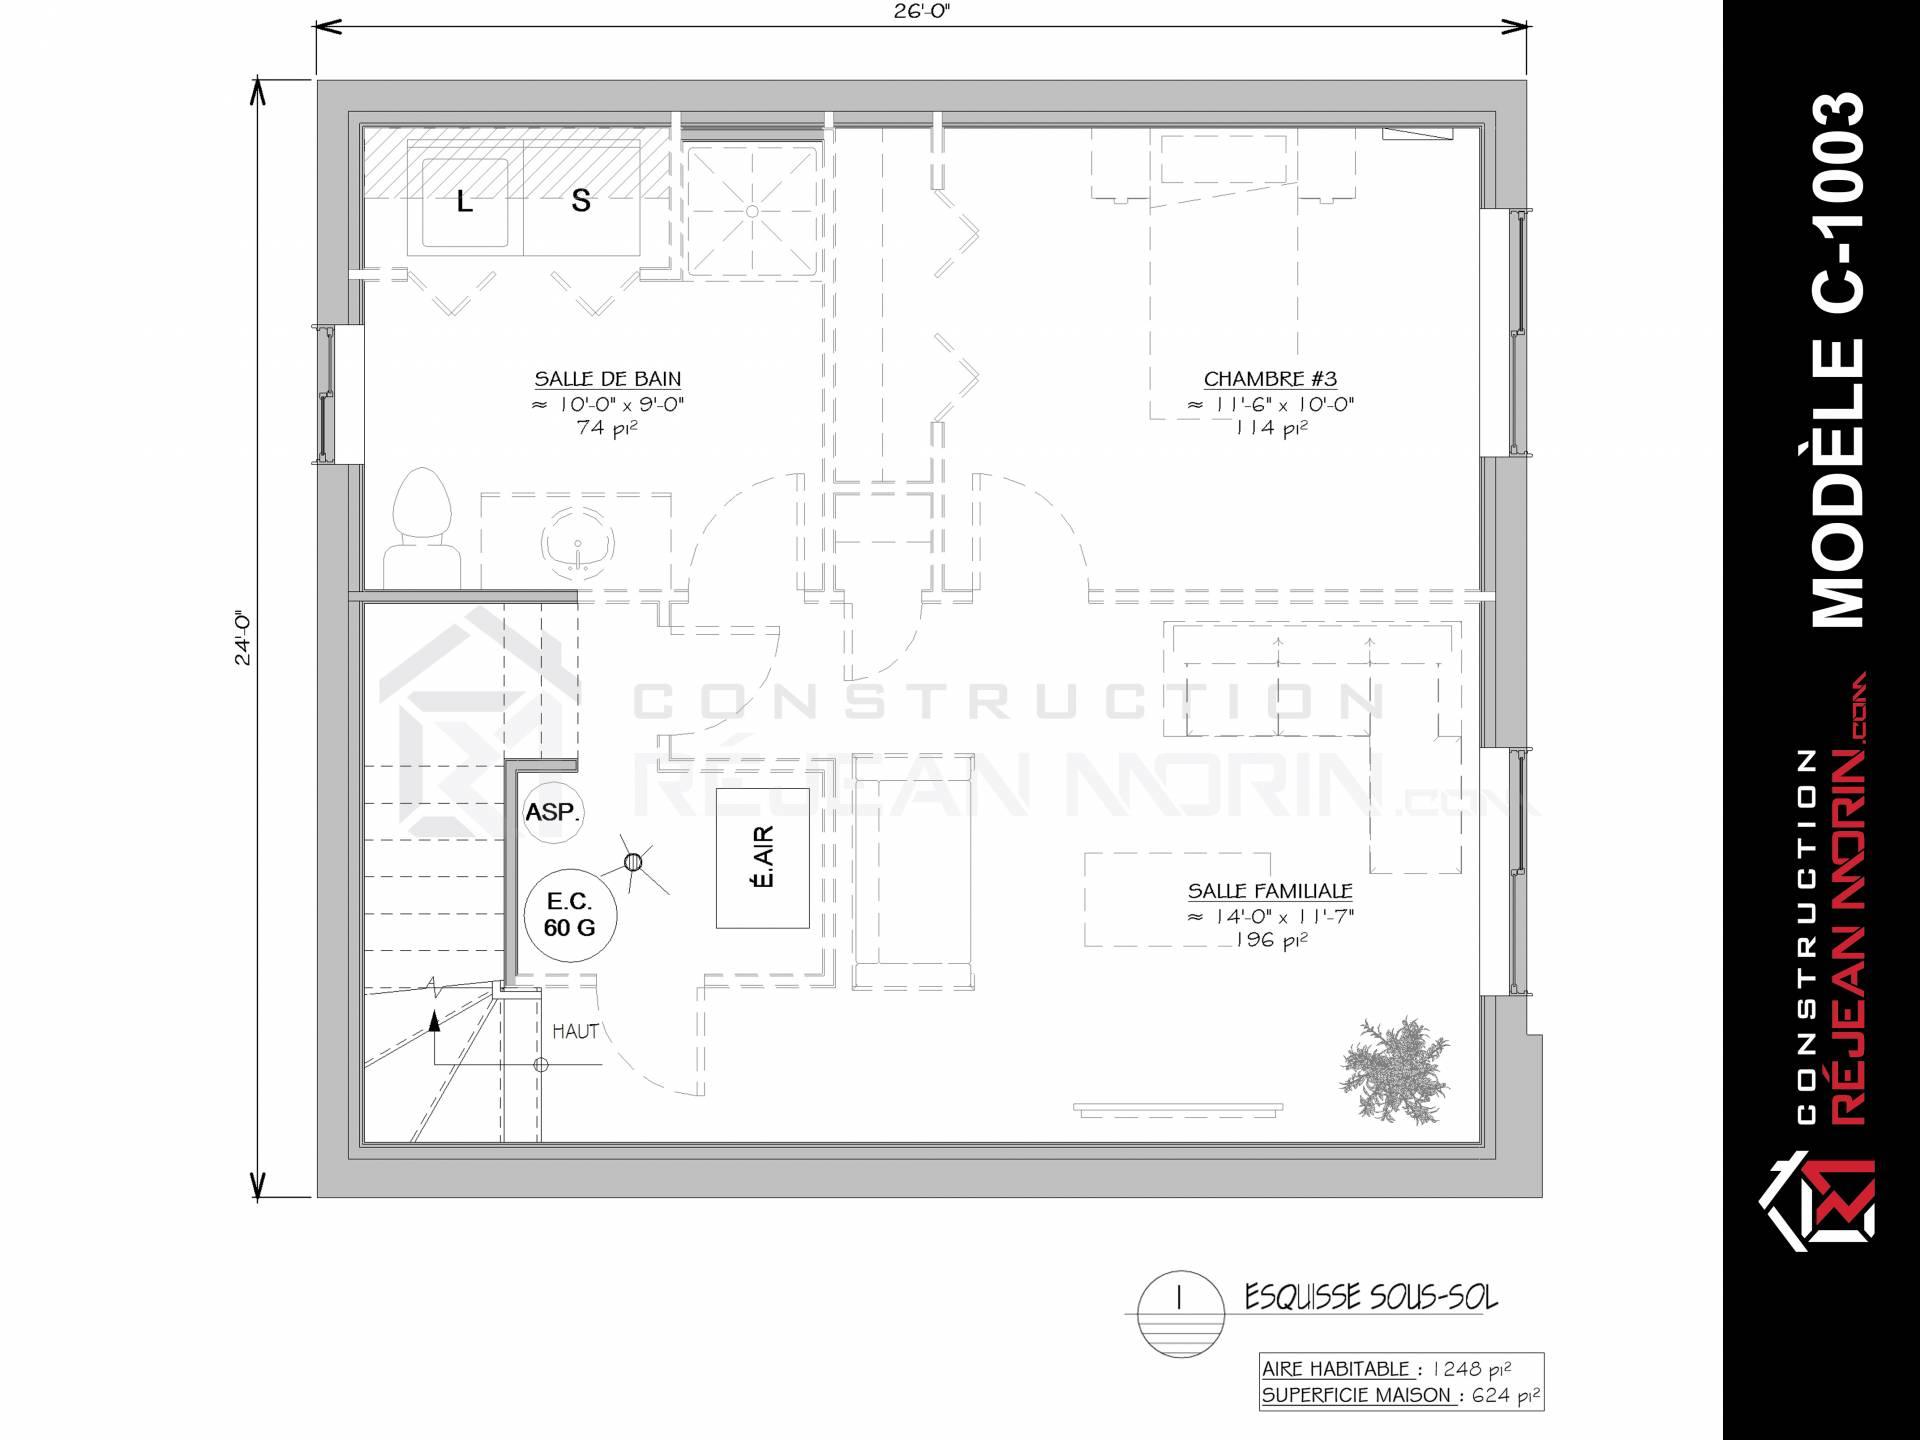 Mod le de maison 2 tages construire st nicolas for Modele maison nicolas